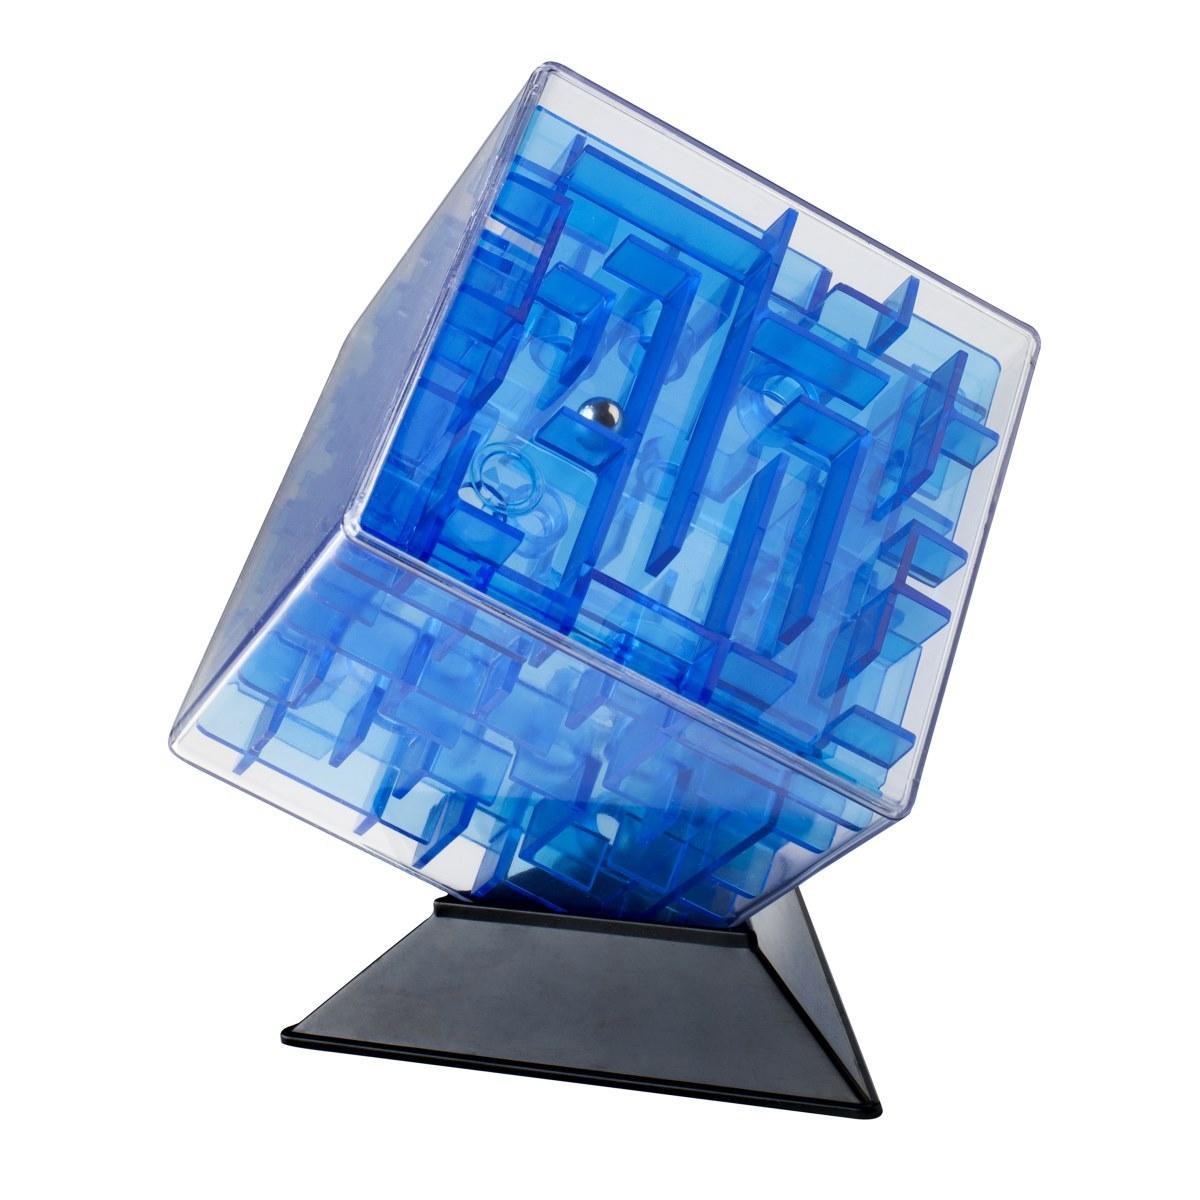 Головоломка из серии Лабиринтус - Куб, 10 см., синий, прозрачныйГоловоломки<br>Головоломка из серии Лабиринтус - Куб, 10 см., синий, прозрачный<br>